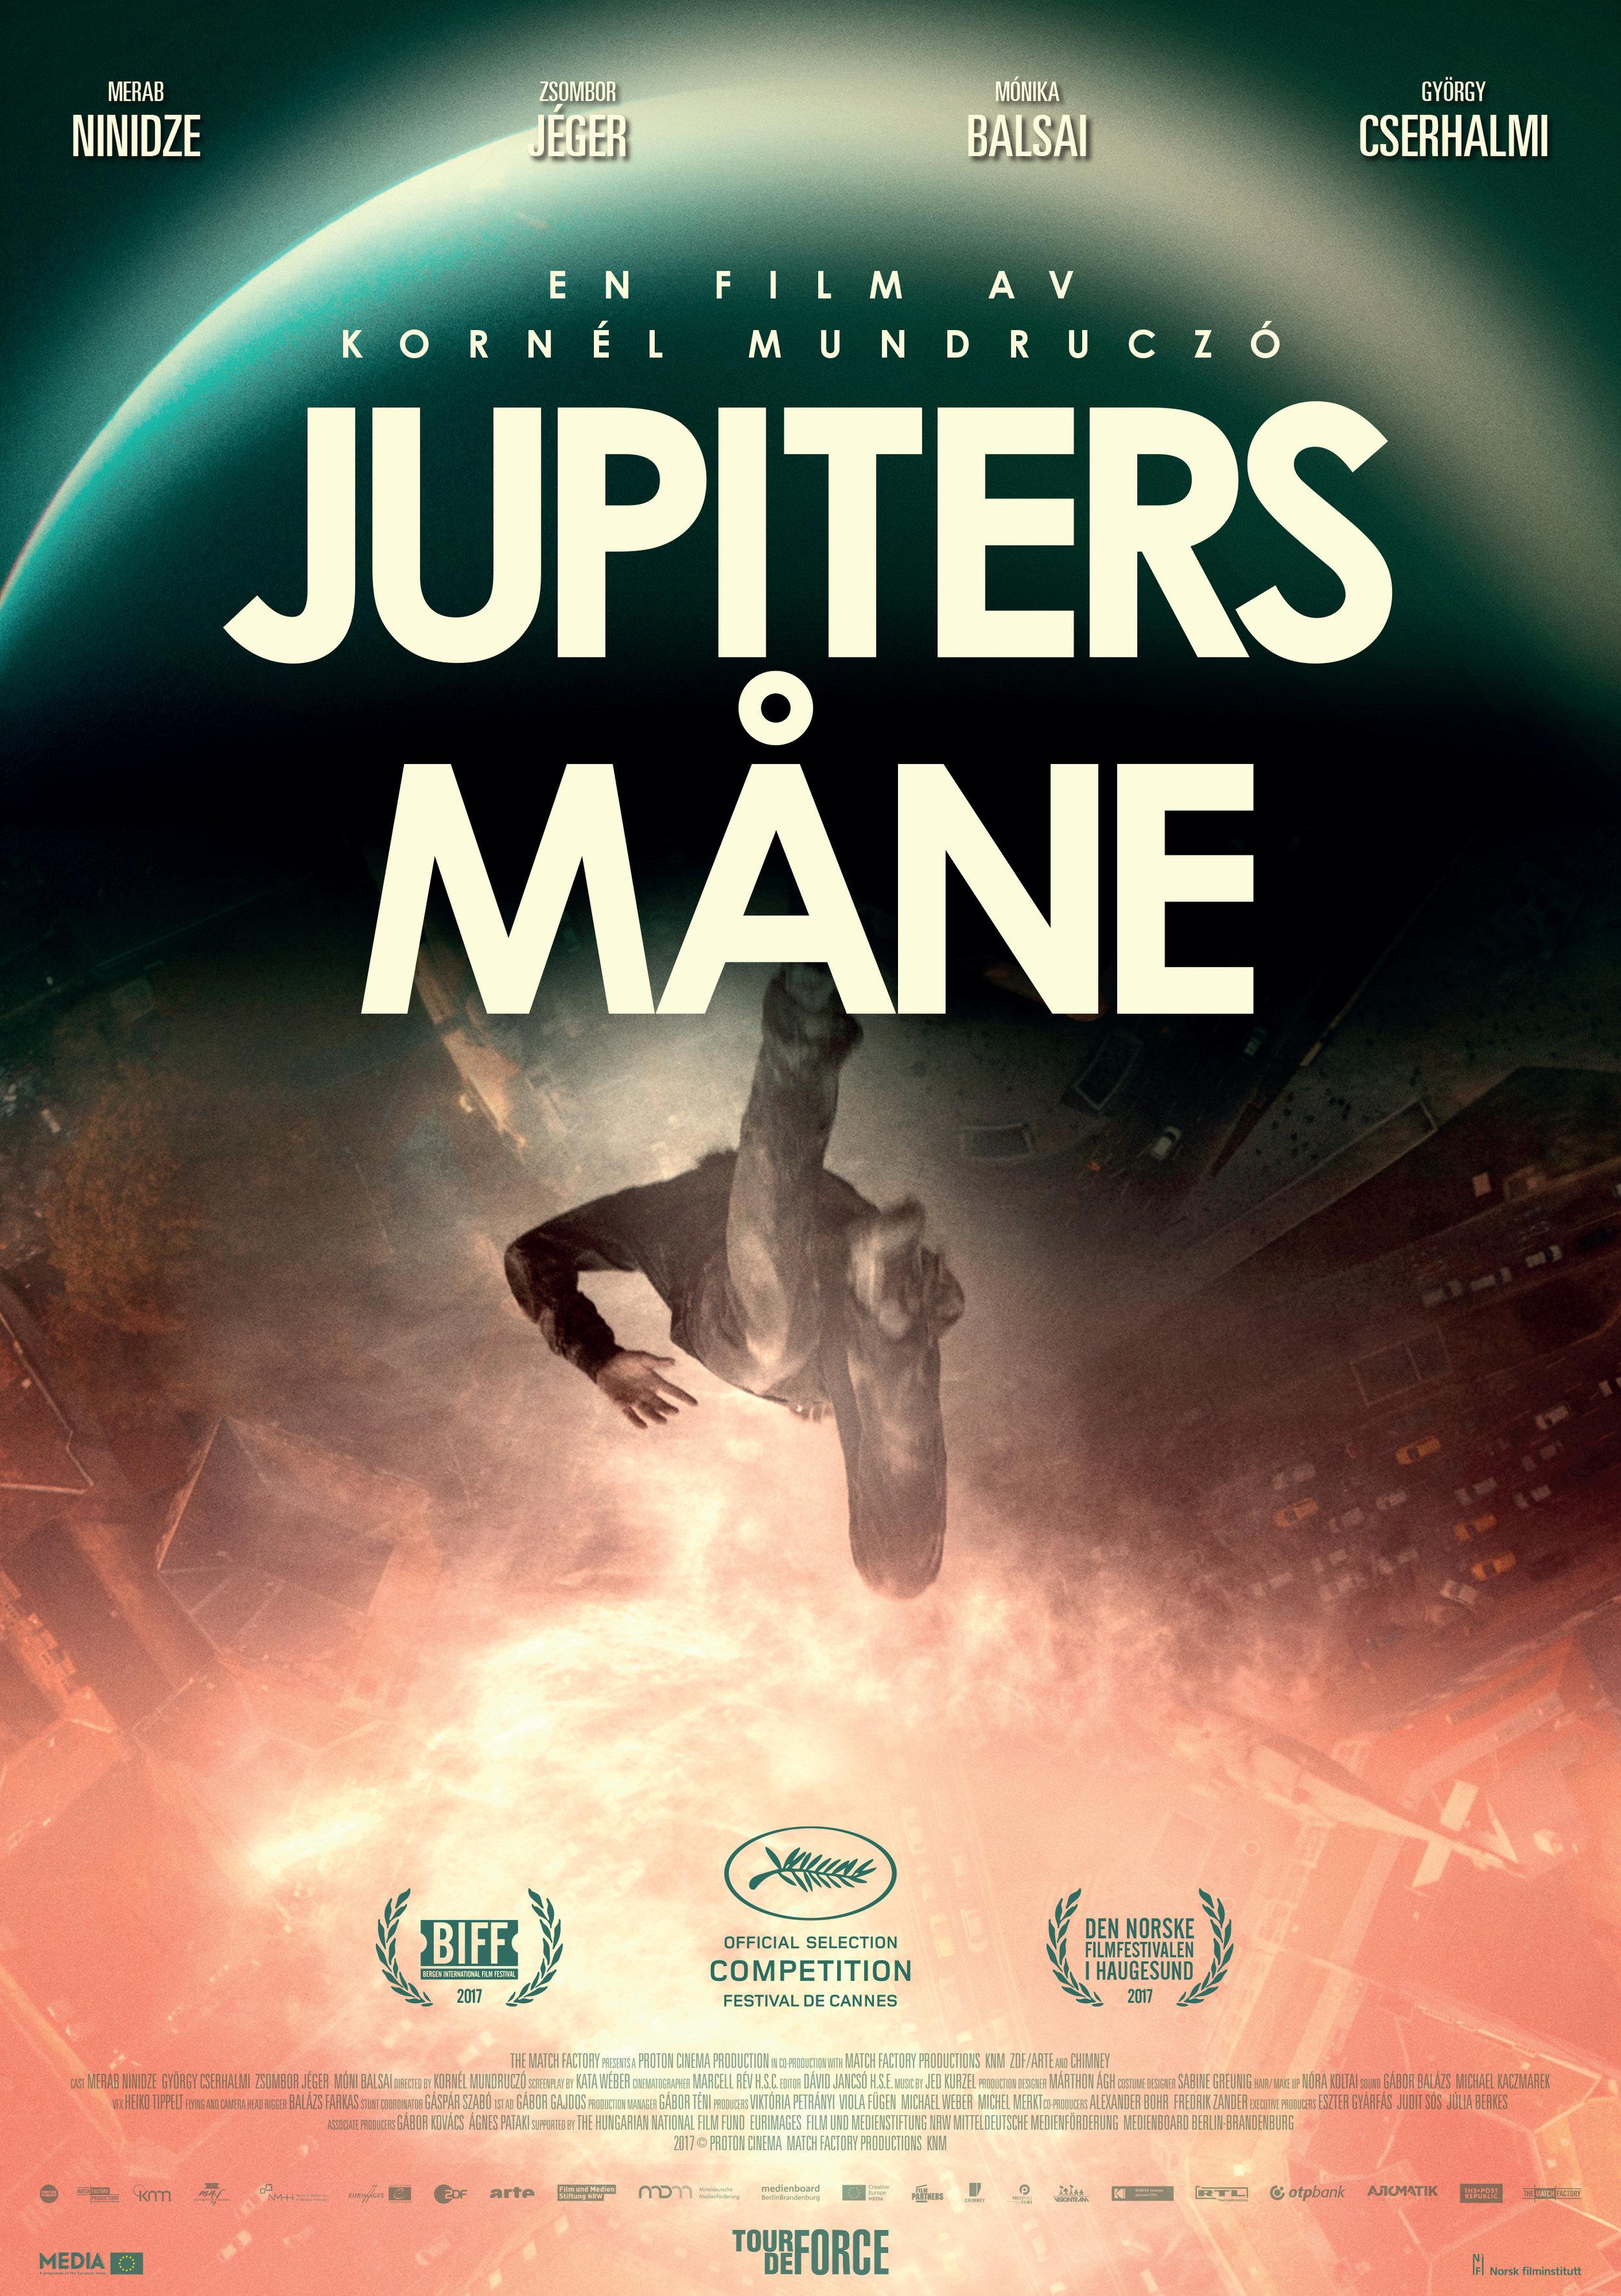 jupiters (1).jpg